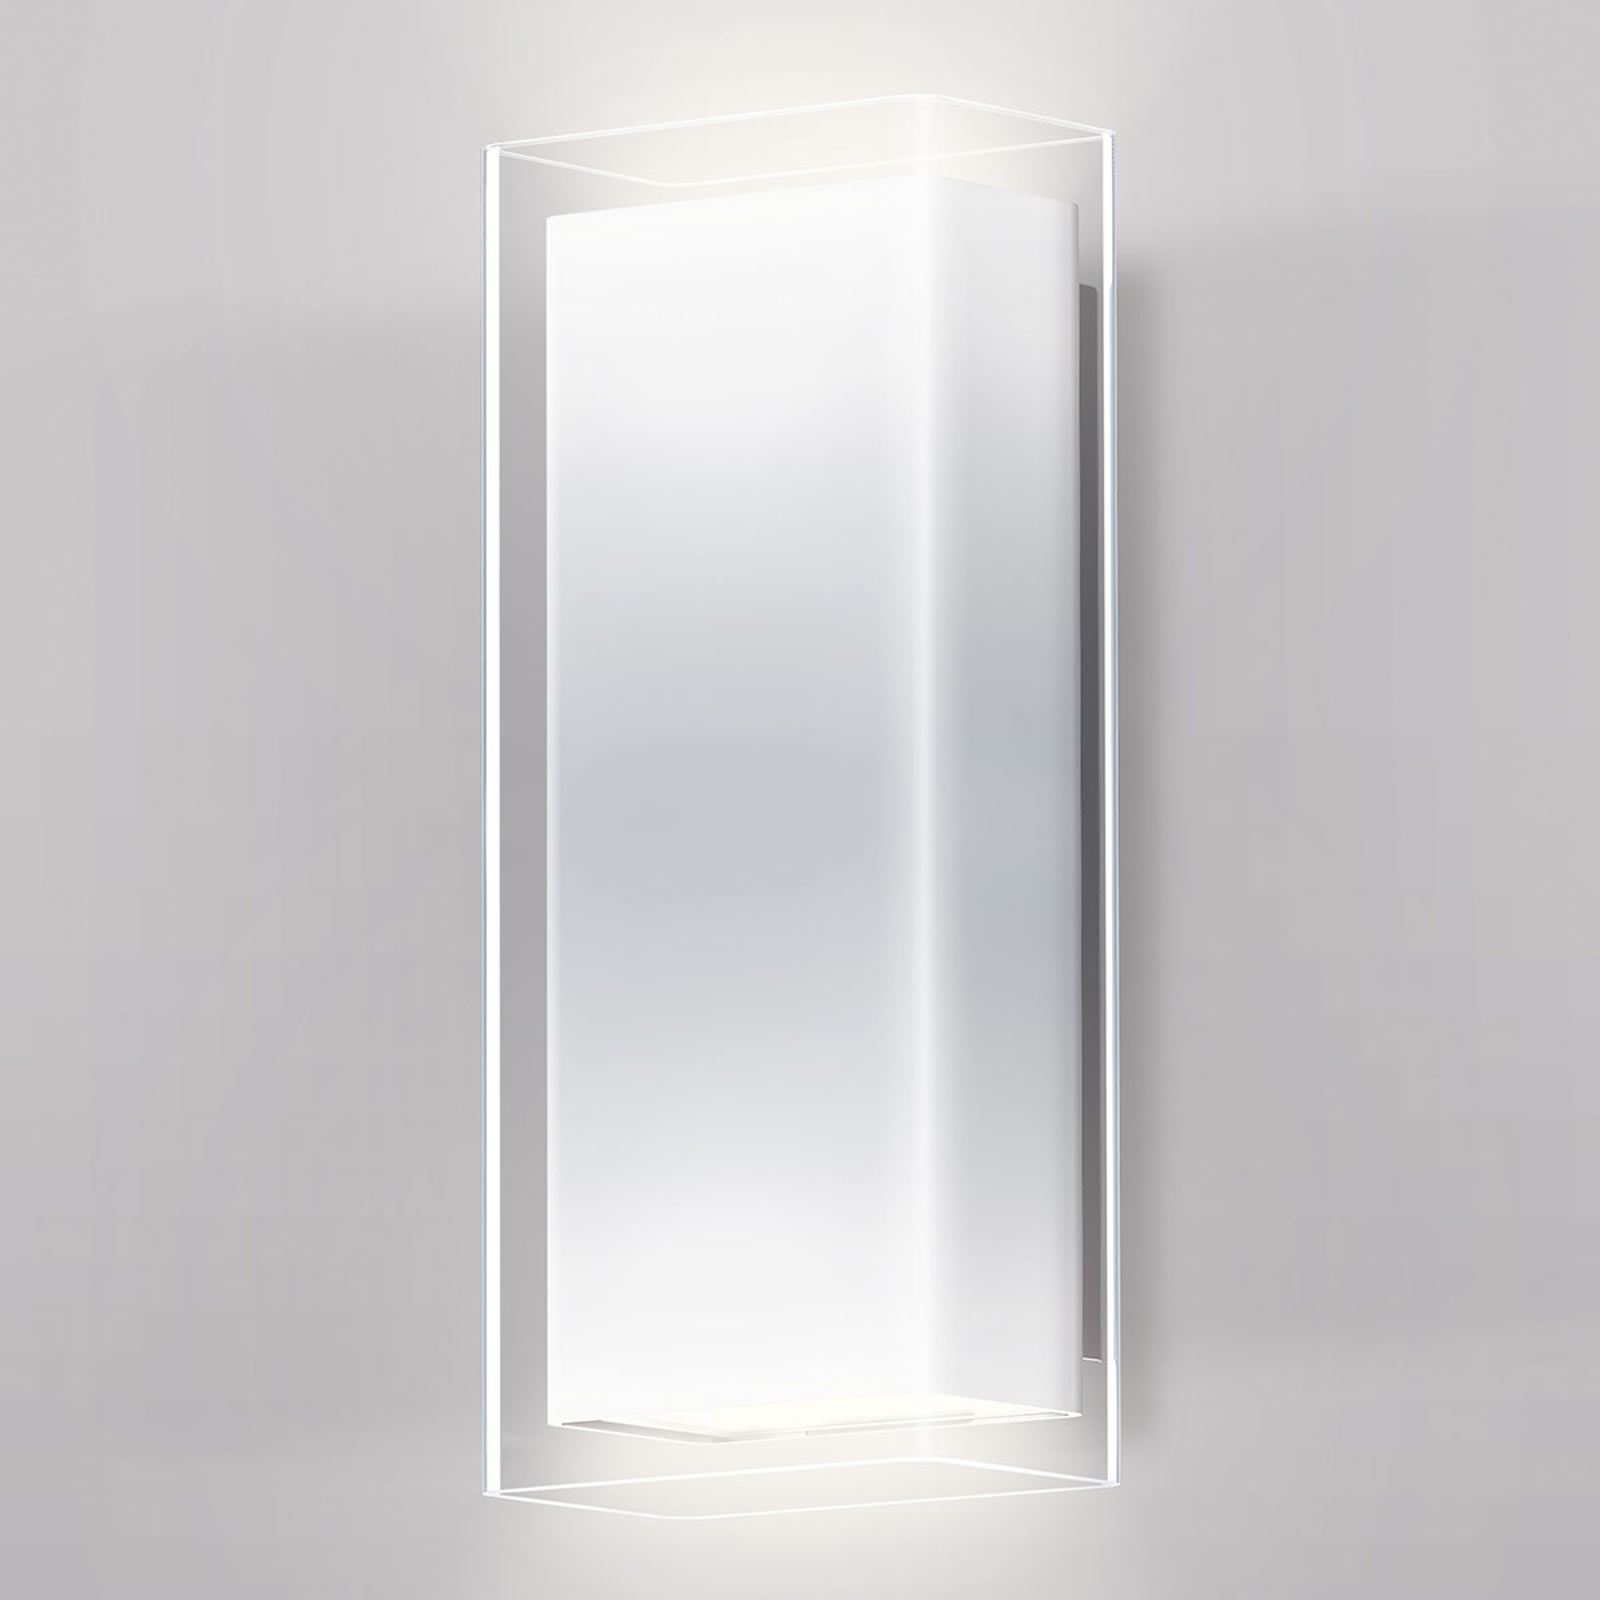 serien.lighting Rod Wall LED-seinävalaisin opaali